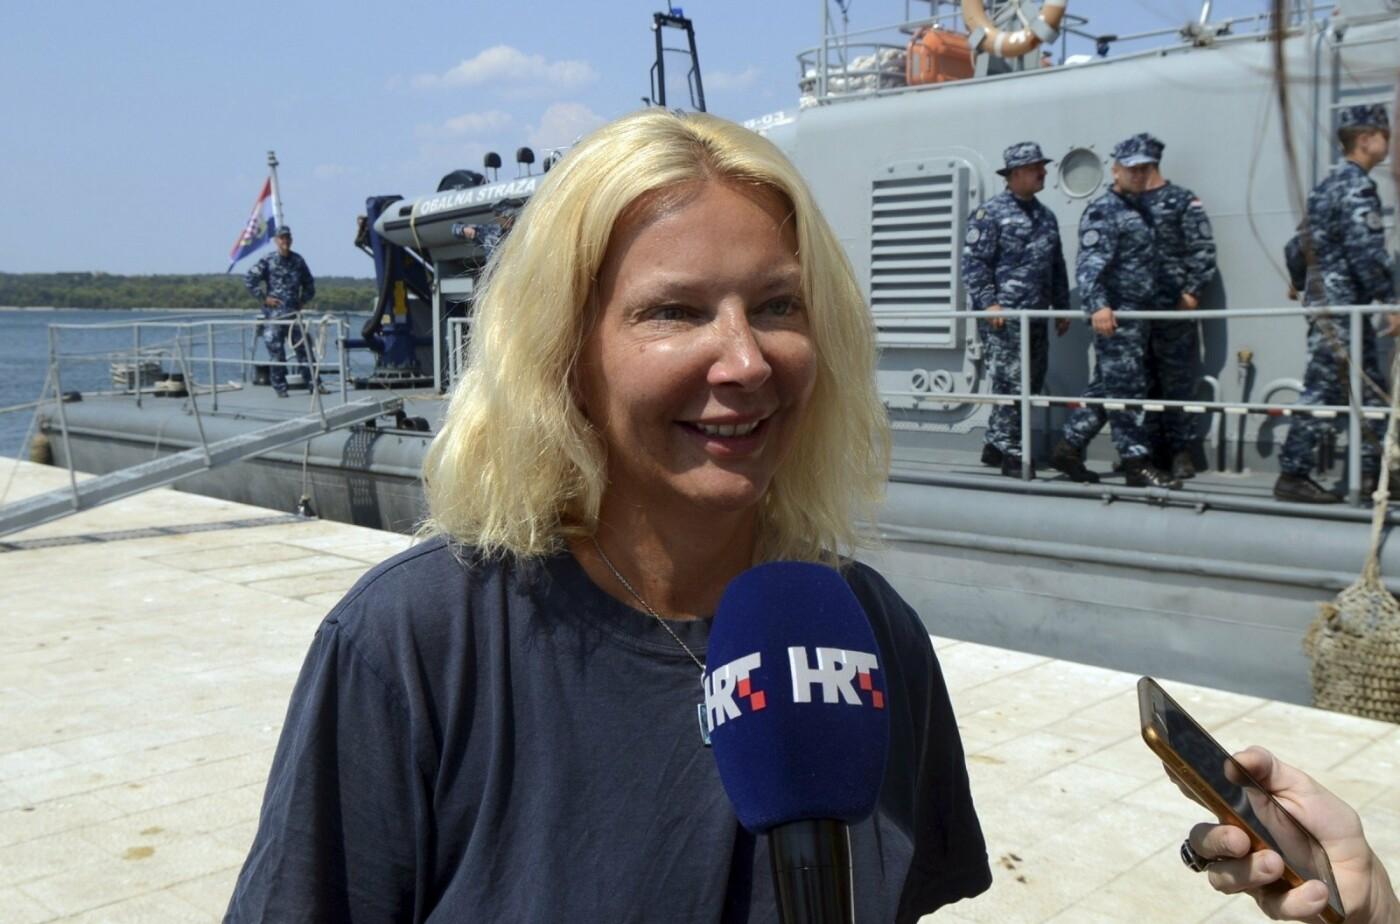 Išgelbėta iš laivo iškritusi ir 10 valandų atviroje jūroje praleidusi moteris , nuotrauka-1